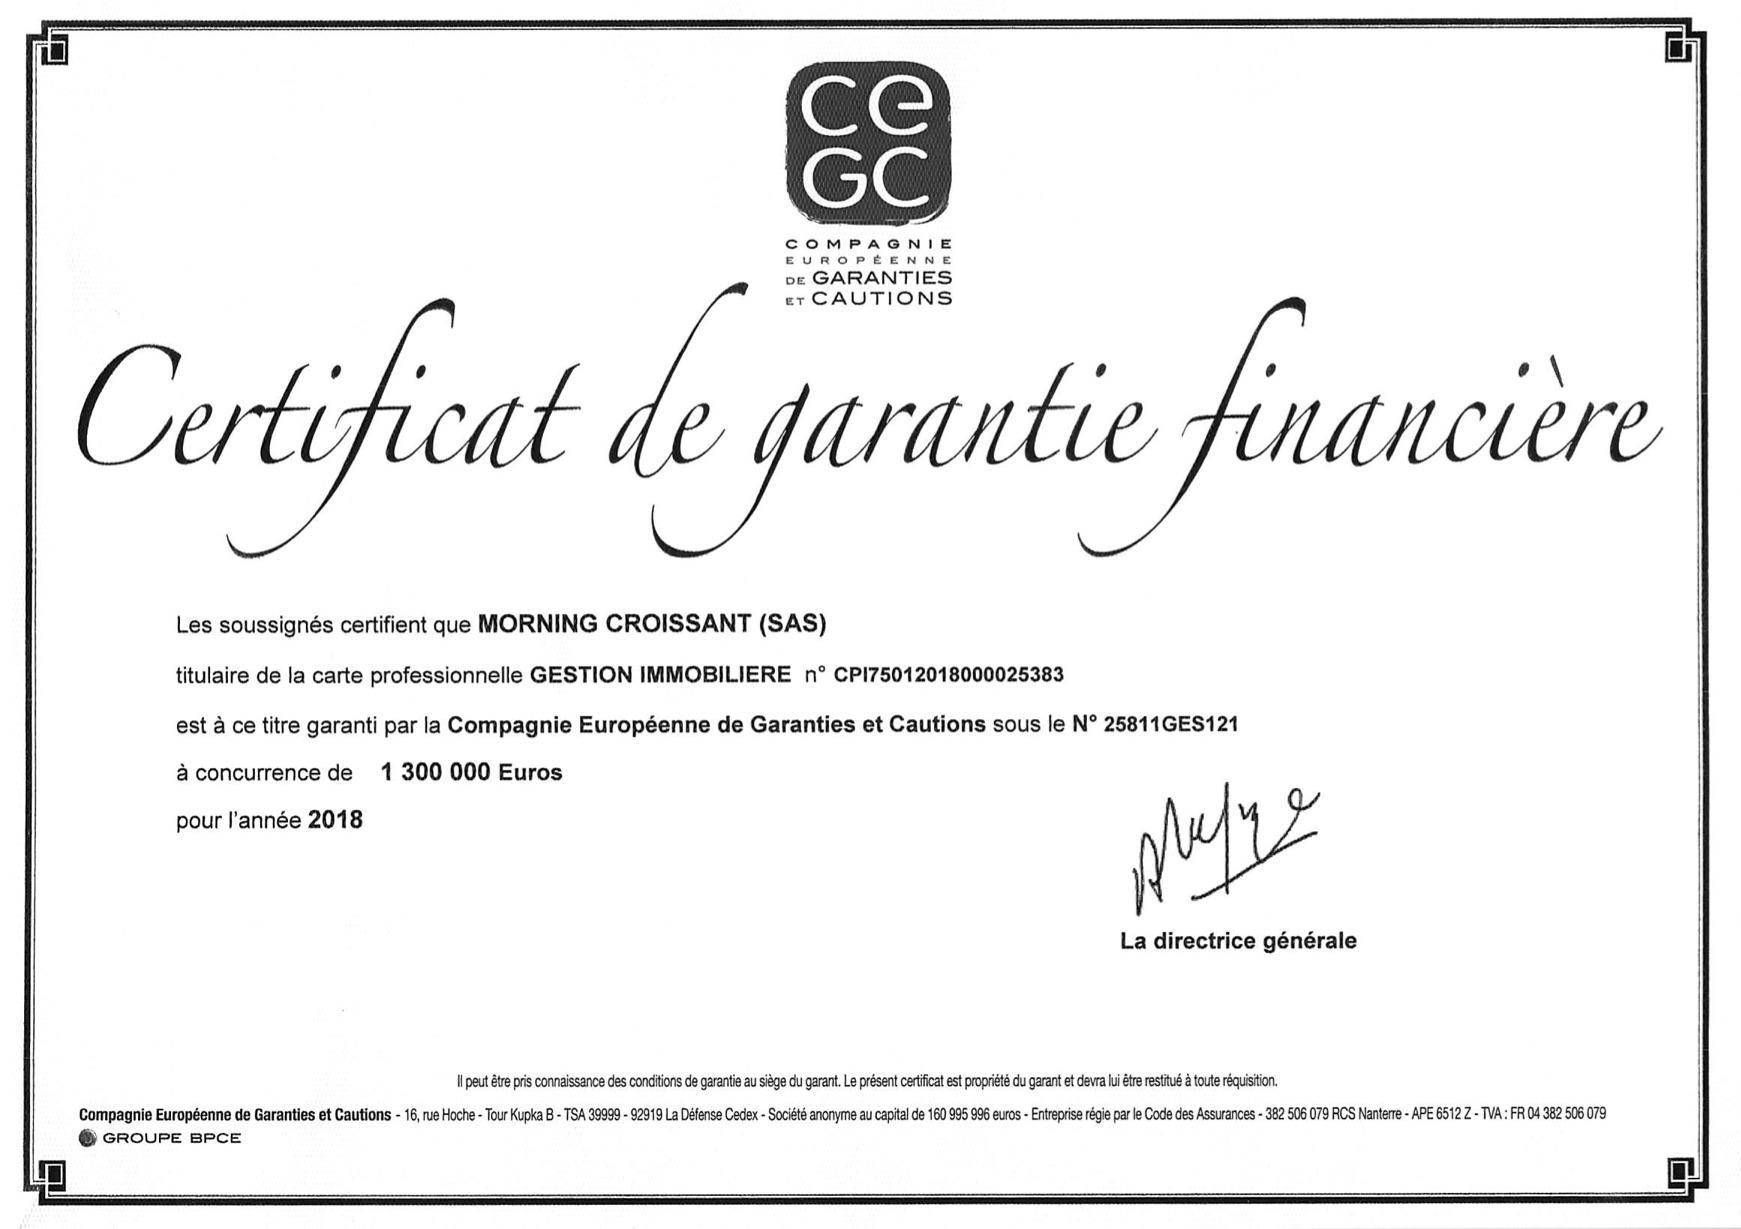 Certificat Garantie Financeire